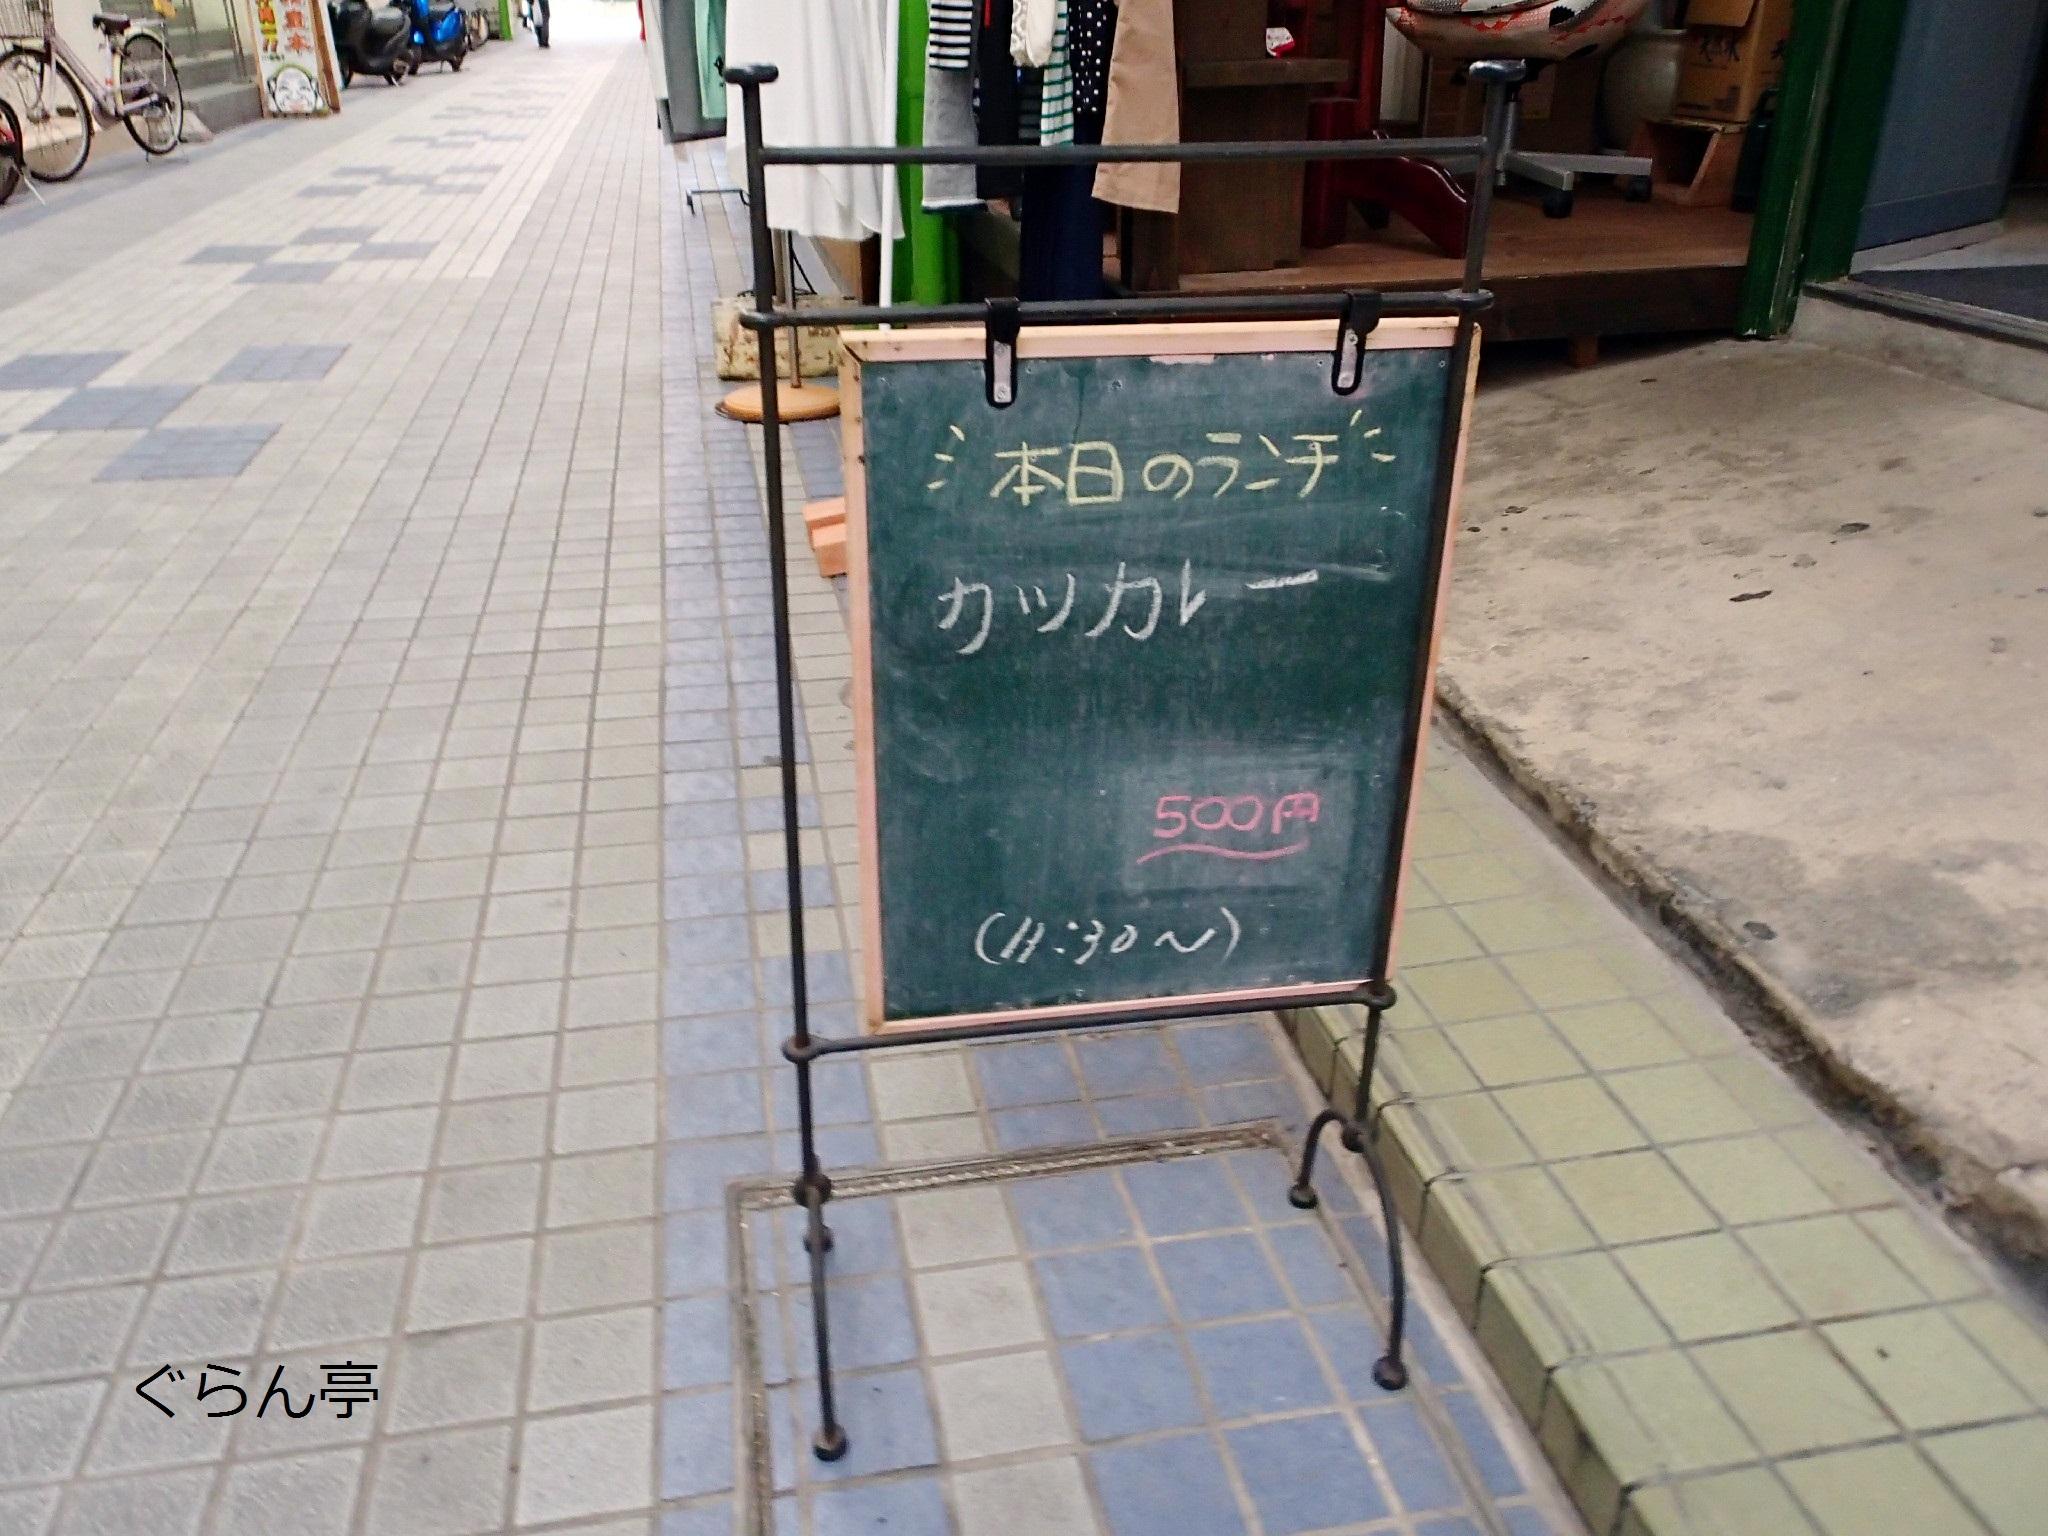 ザ・銀座通り食堂_ランチ_3